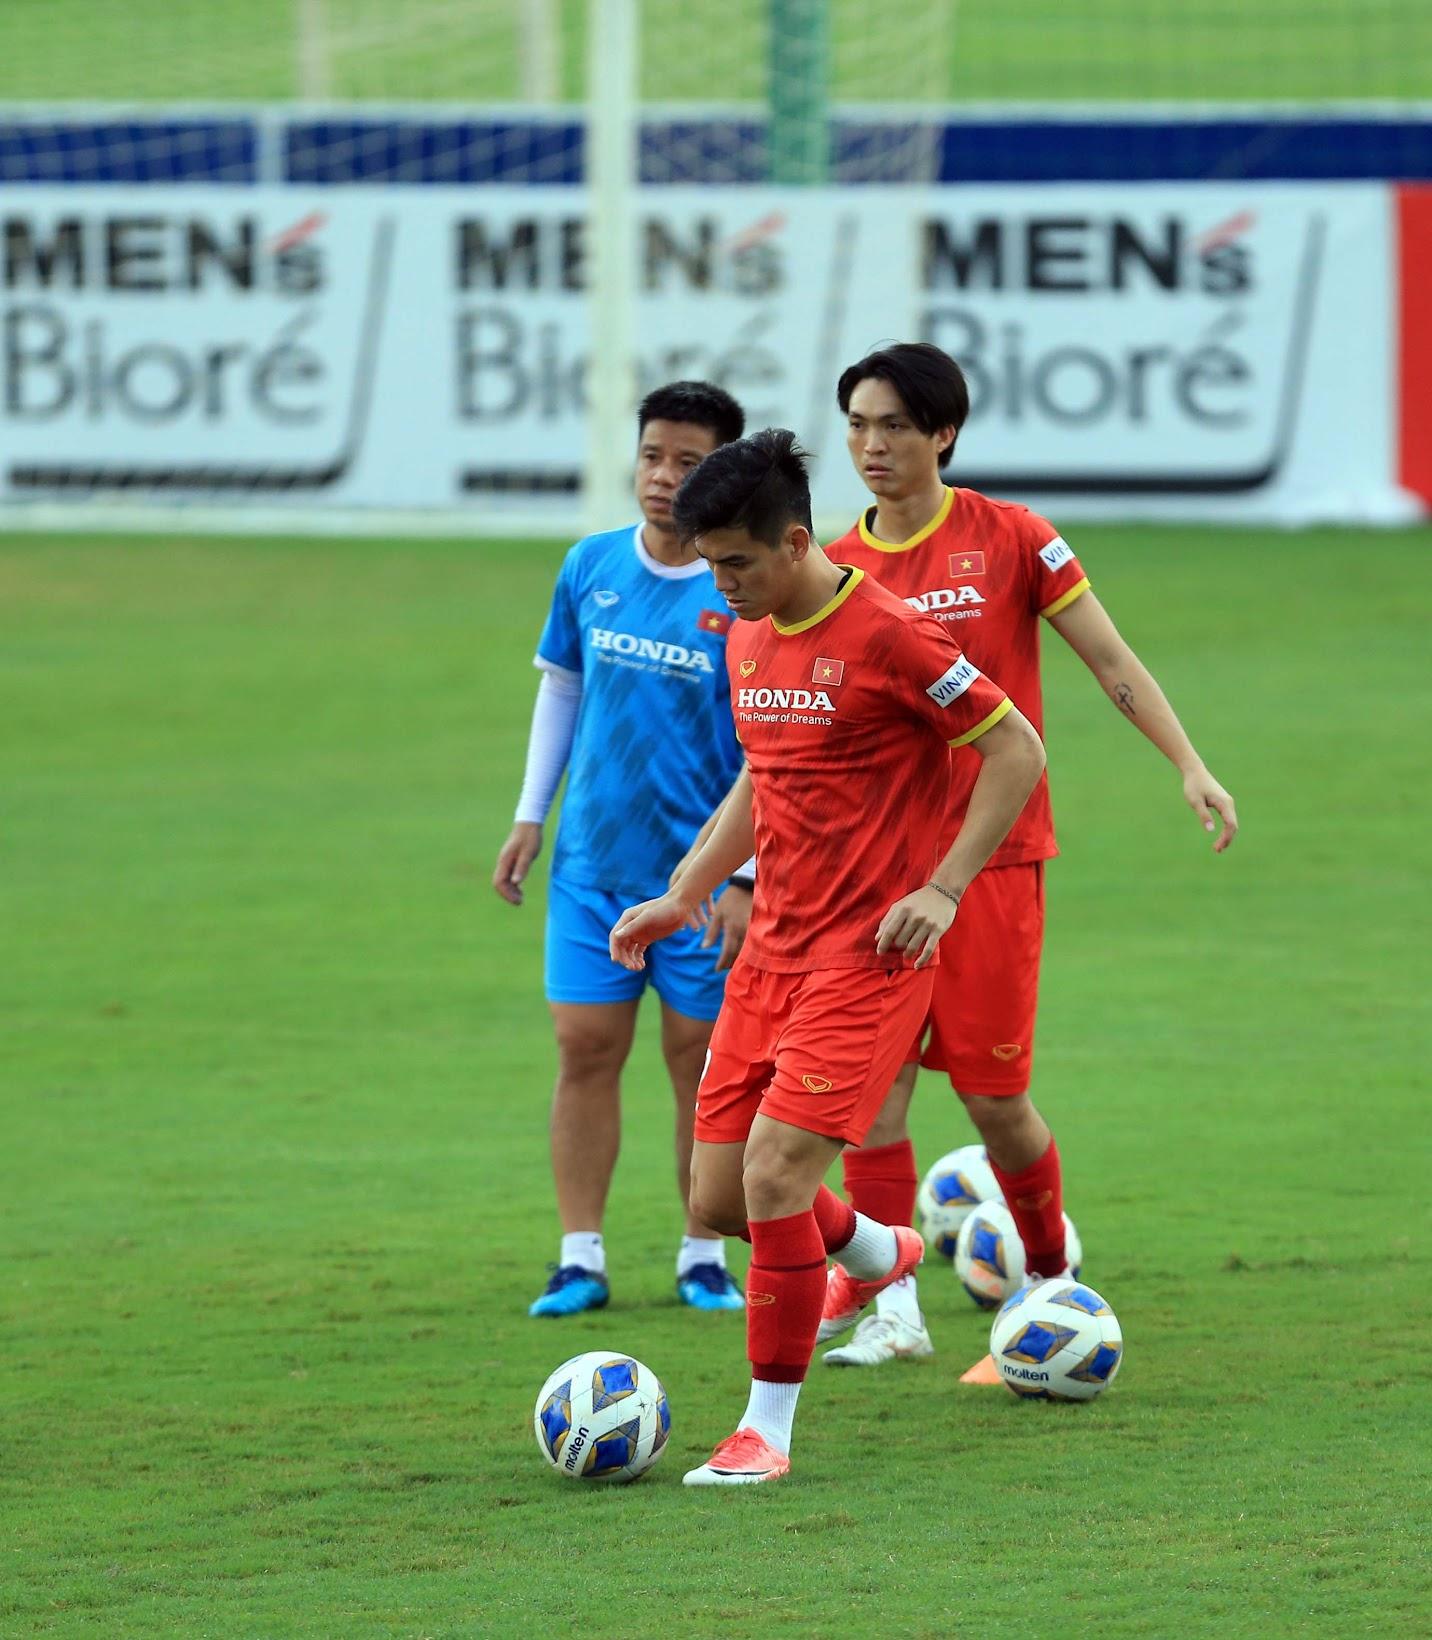 Tuấn Anh và đồng đội hào hứng khi trở thành thủ môn bất đắc dĩ cho tuyển Việt Nam - ảnh 16